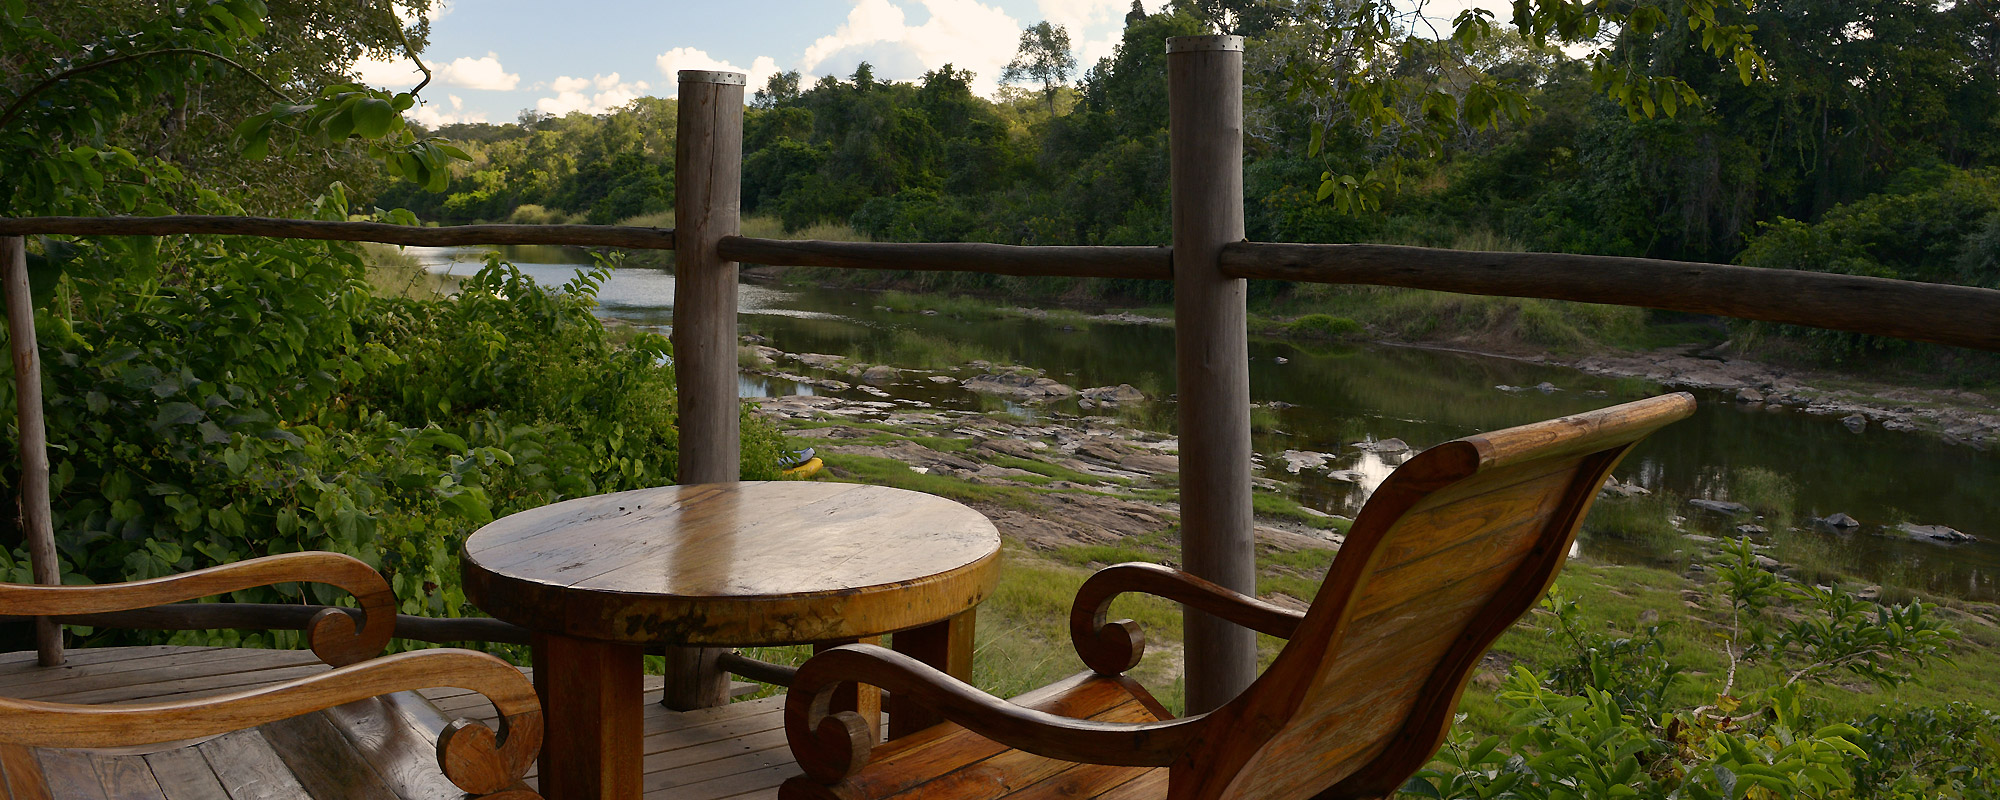 Luxury safari lodge in Malawi - Tongole Wilderness Lodge